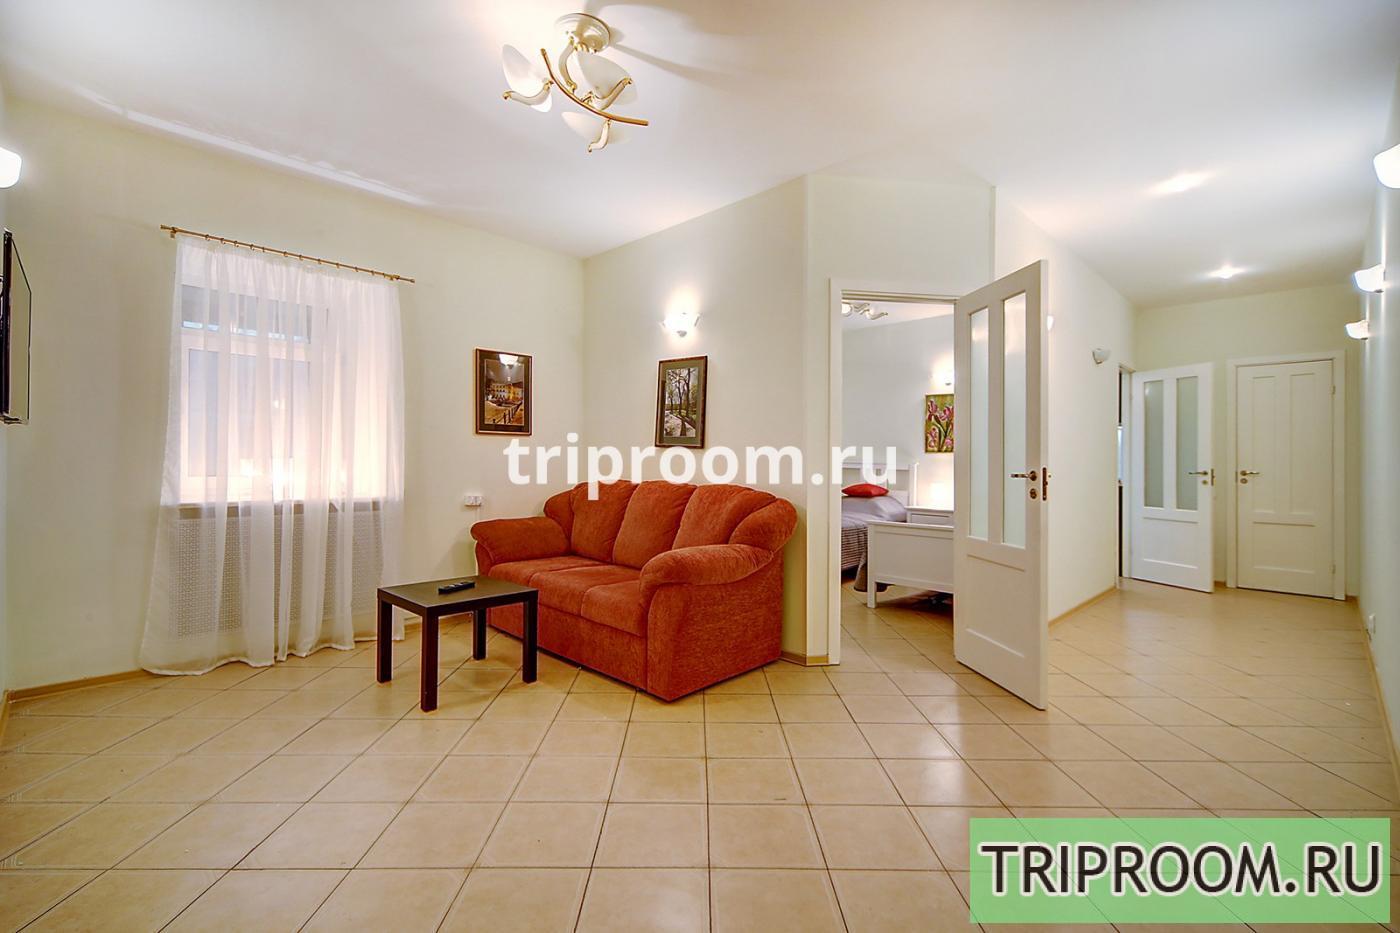 3-комнатная квартира посуточно (вариант № 14749), ул. Большая Конюшенная улица, фото № 2